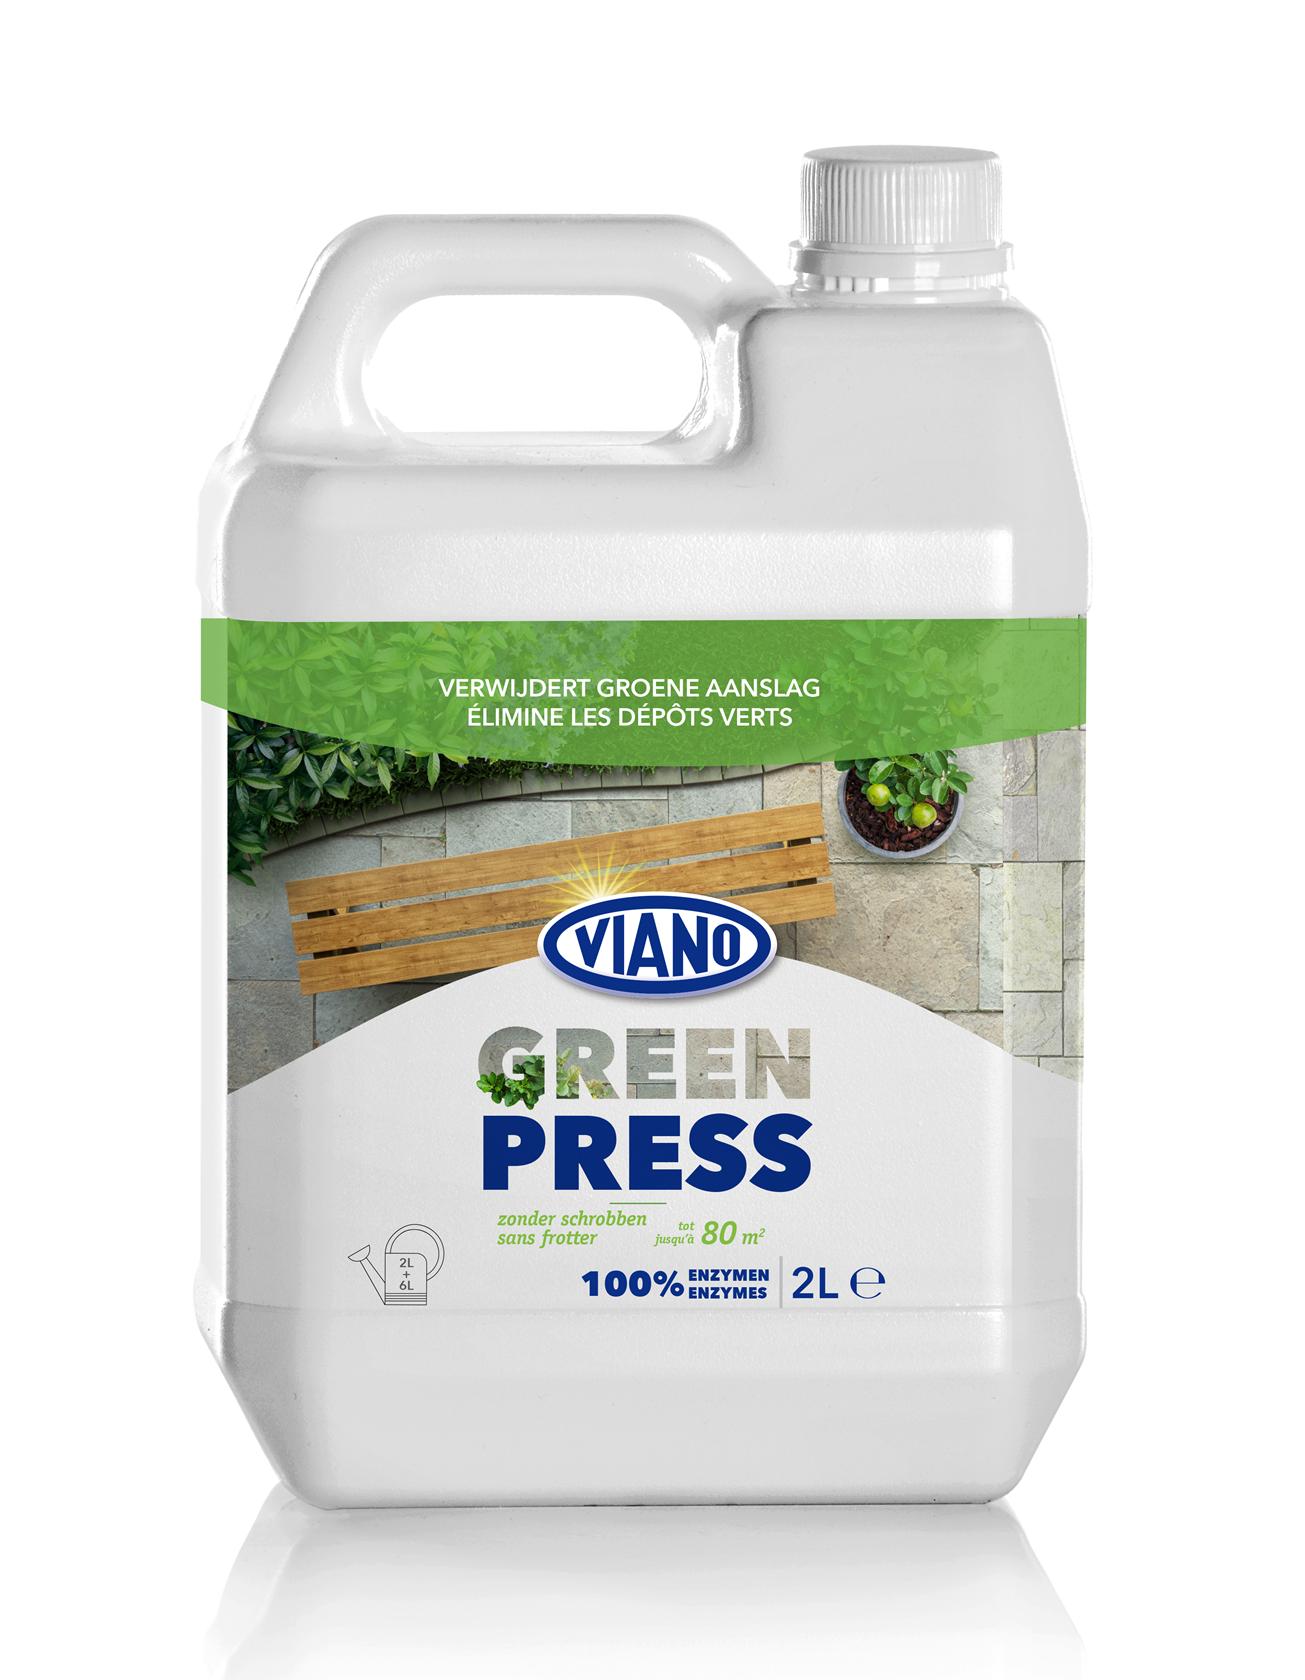 Green-Press verwijdert groene aanslag 2L